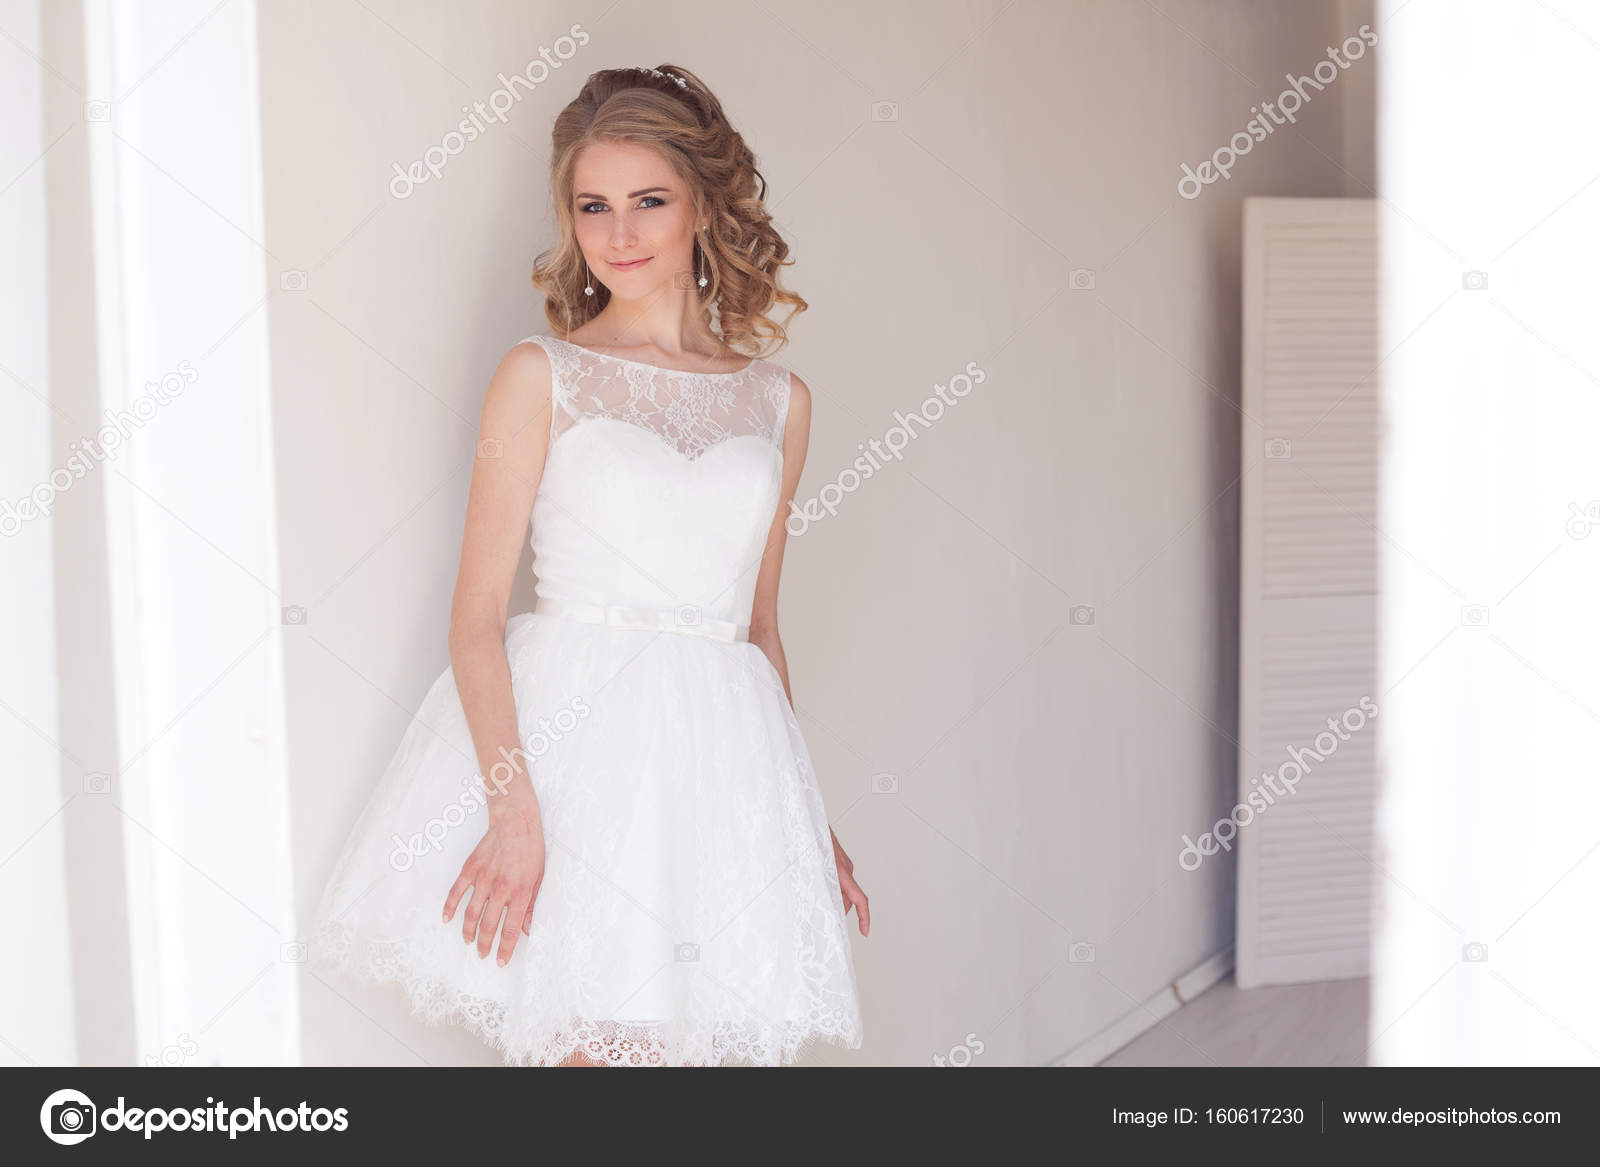 Korte Witte Trouwjurk.Mooi Meisje In Een Korte Witte Trouwjurk Stockfoto C Dsimakov Foto